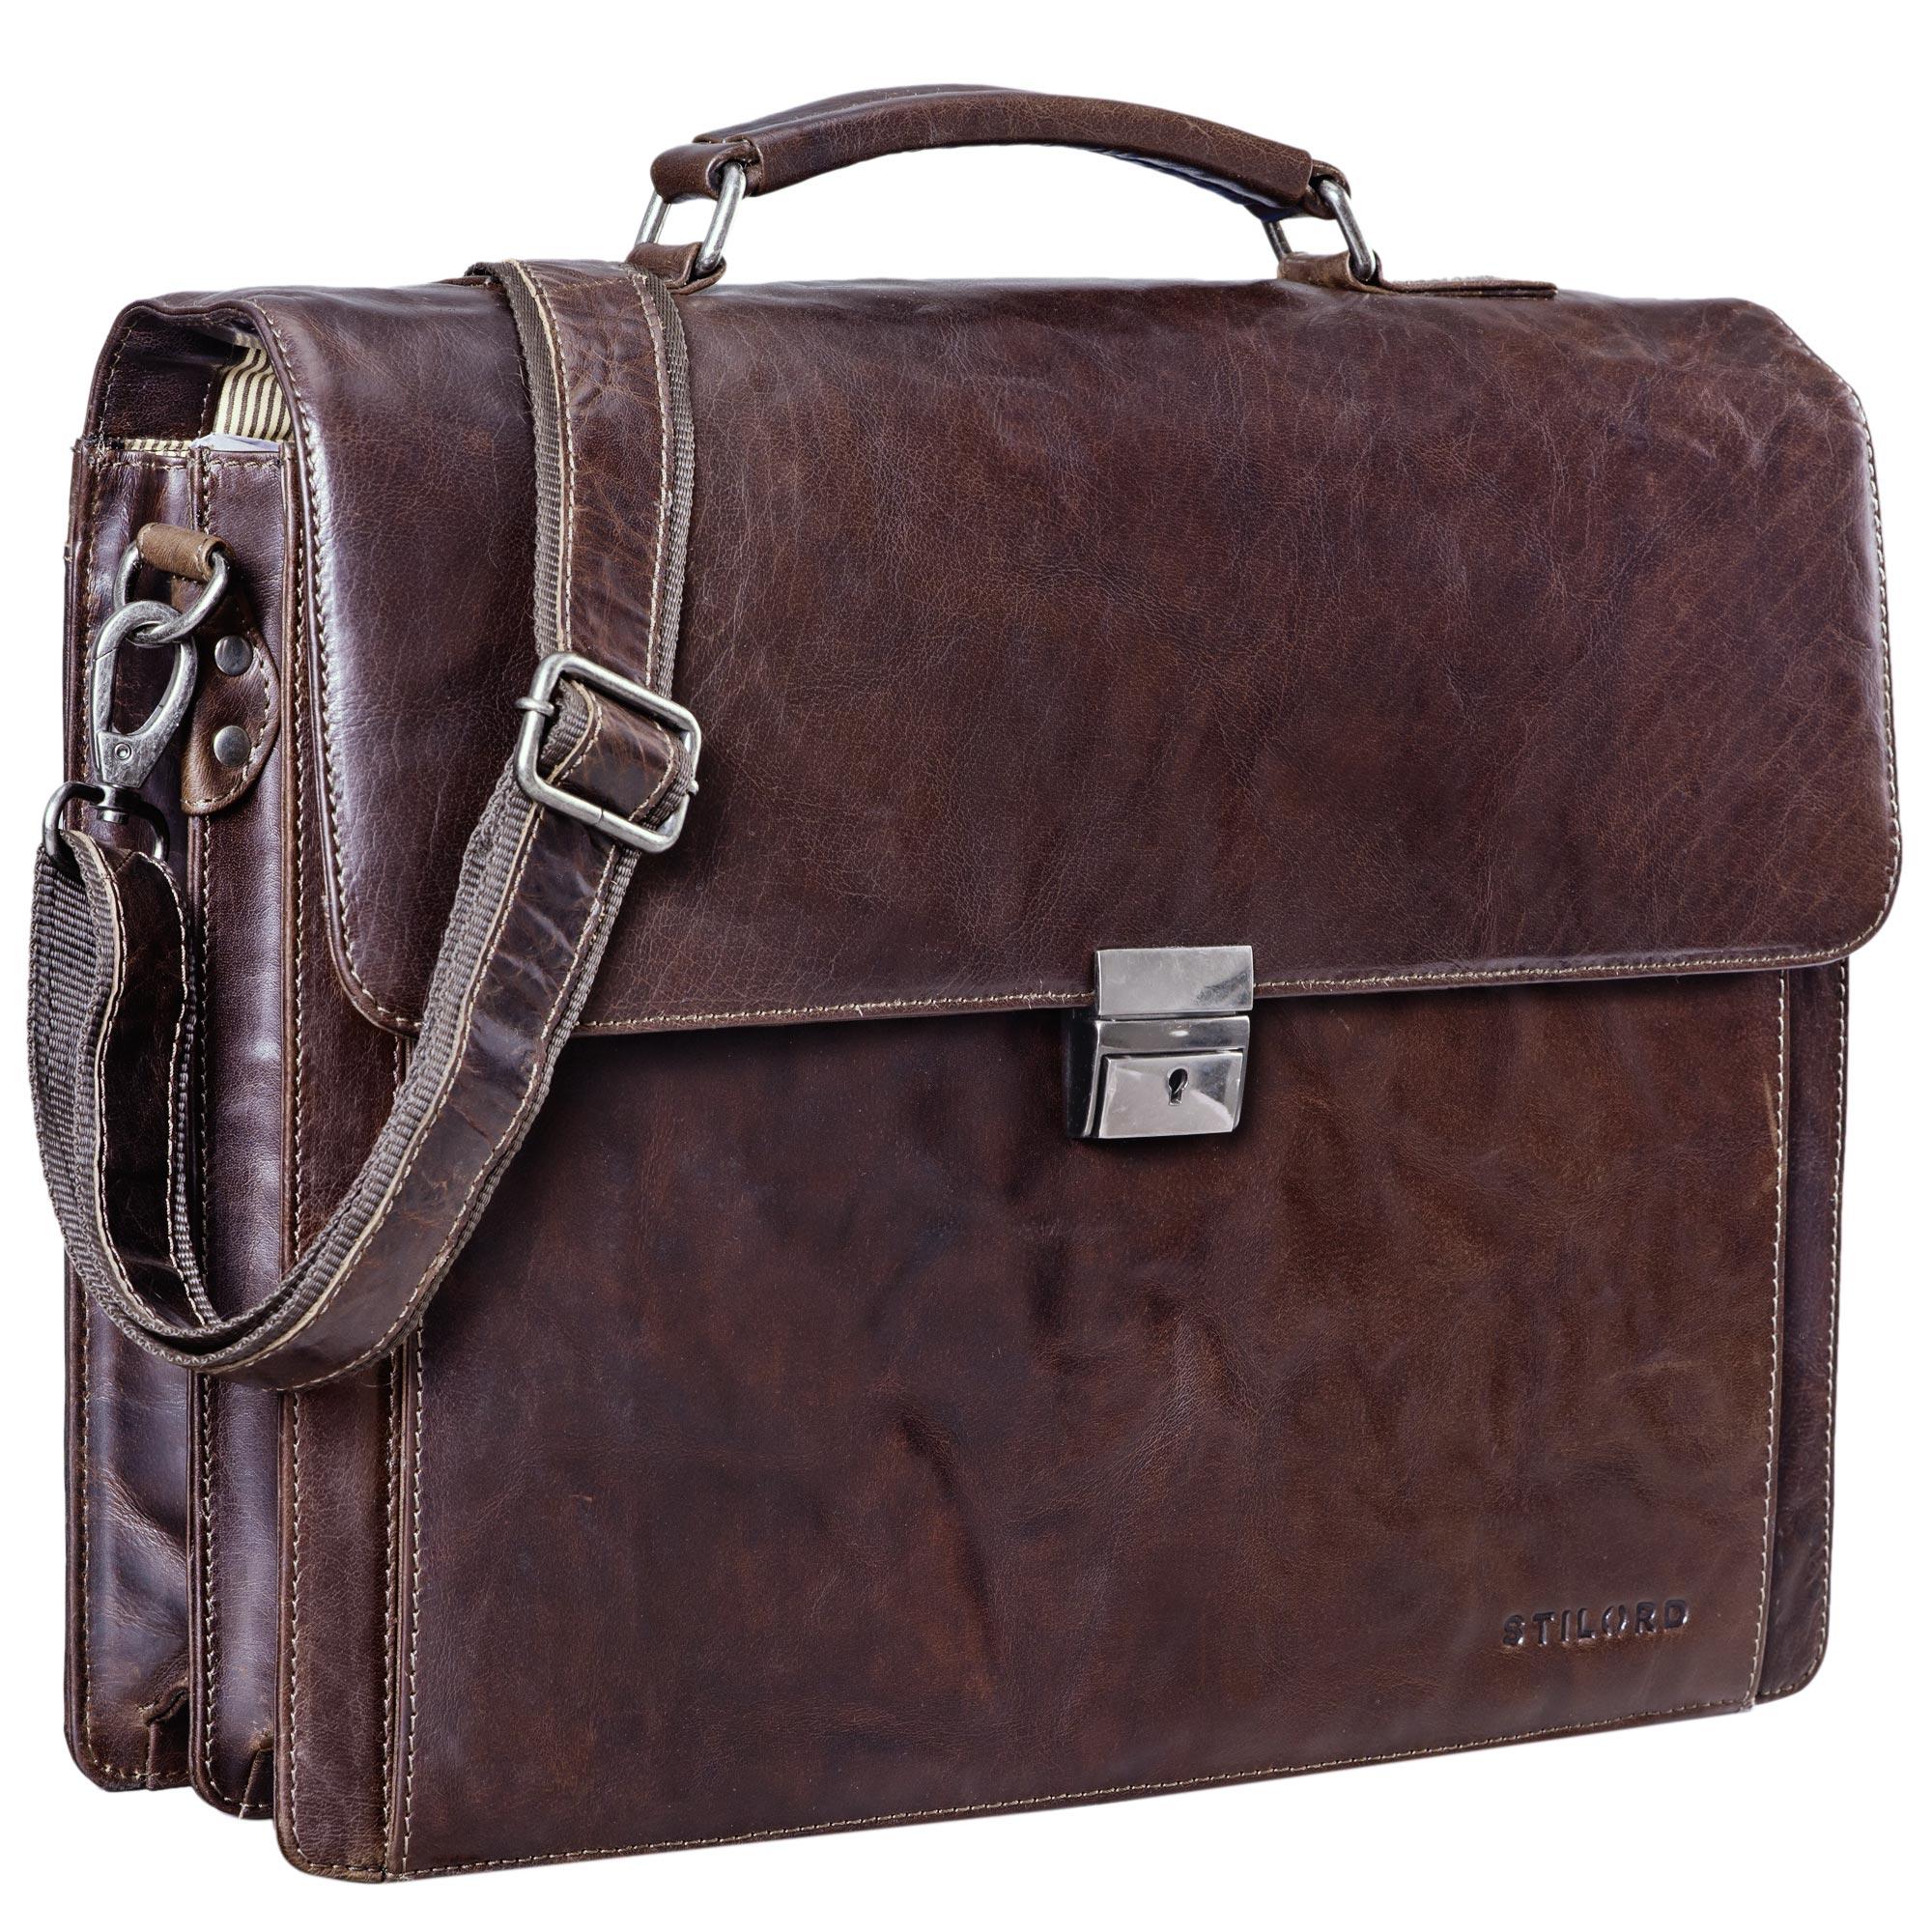 """STILORD """"Johann"""" Klassische Aktentasche Herren Damen Businesstasche für 15,6 Zoll Laptop passend für große DIN A4 Ordner mit Schloss Rinds Leder  - Bild 10"""